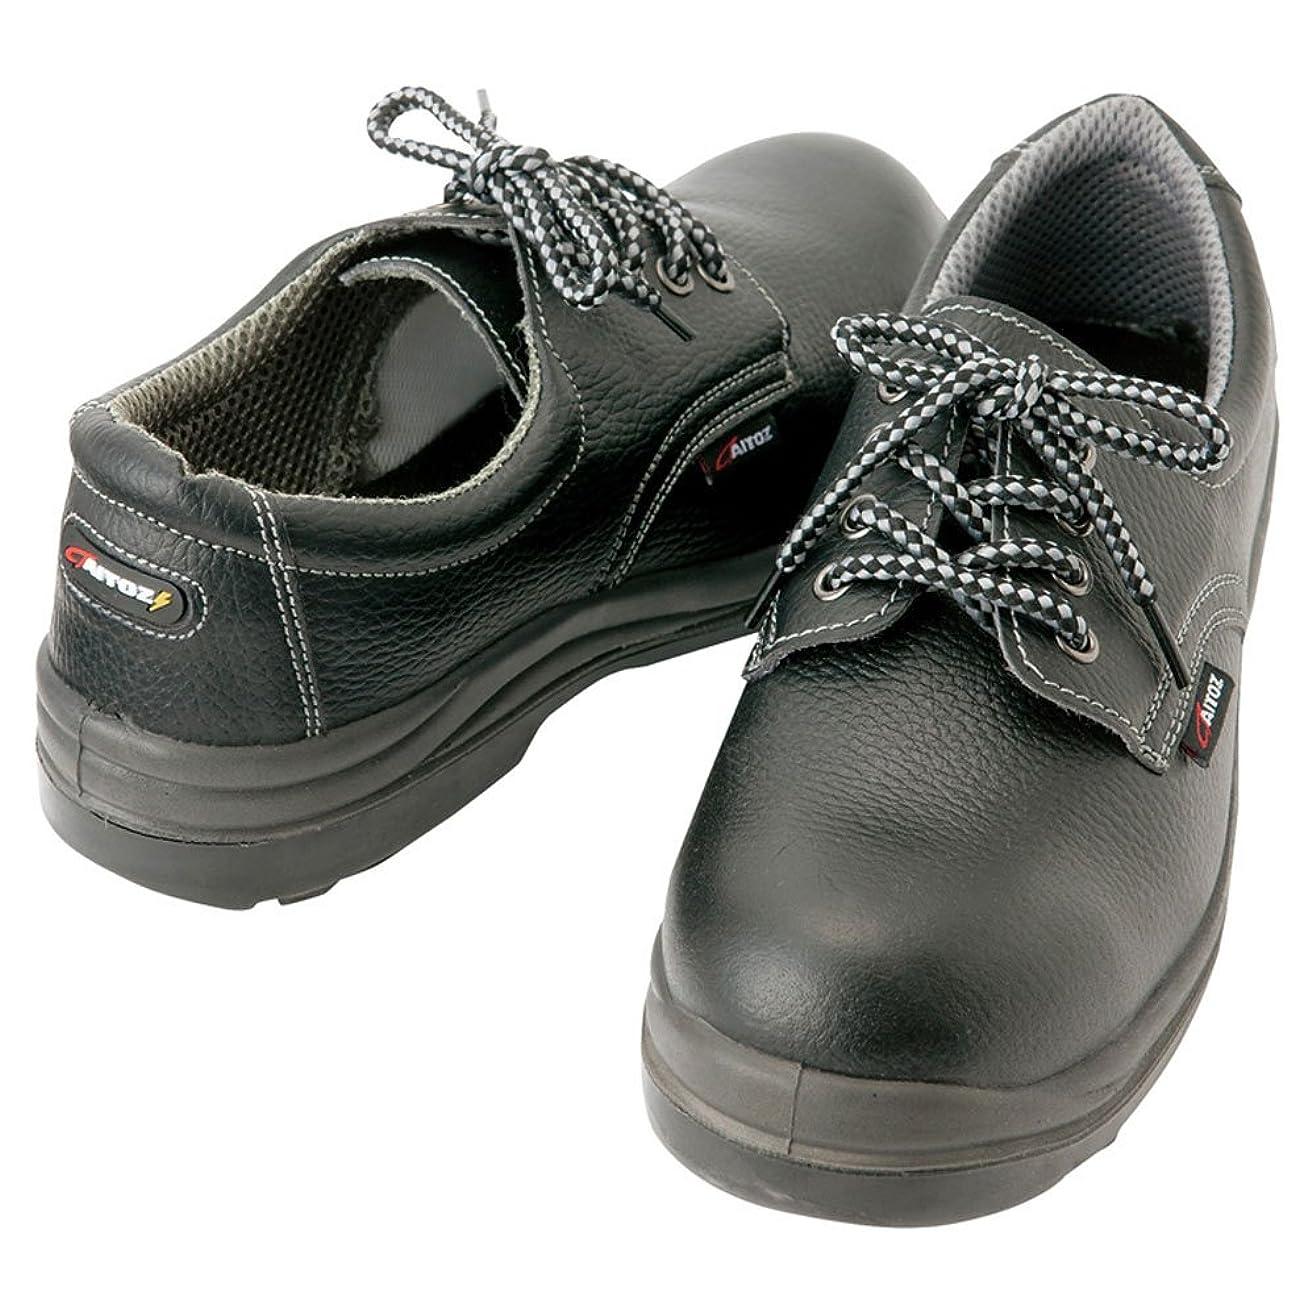 ソーセージマージ両方AZ-59801 《先芯はJIS Sクラスの約3倍の強度、耐油、静電機能、スリップサイン付、JSAA合格品(A種)》 セーフティシューズ(ウレタン短靴ヒモ)